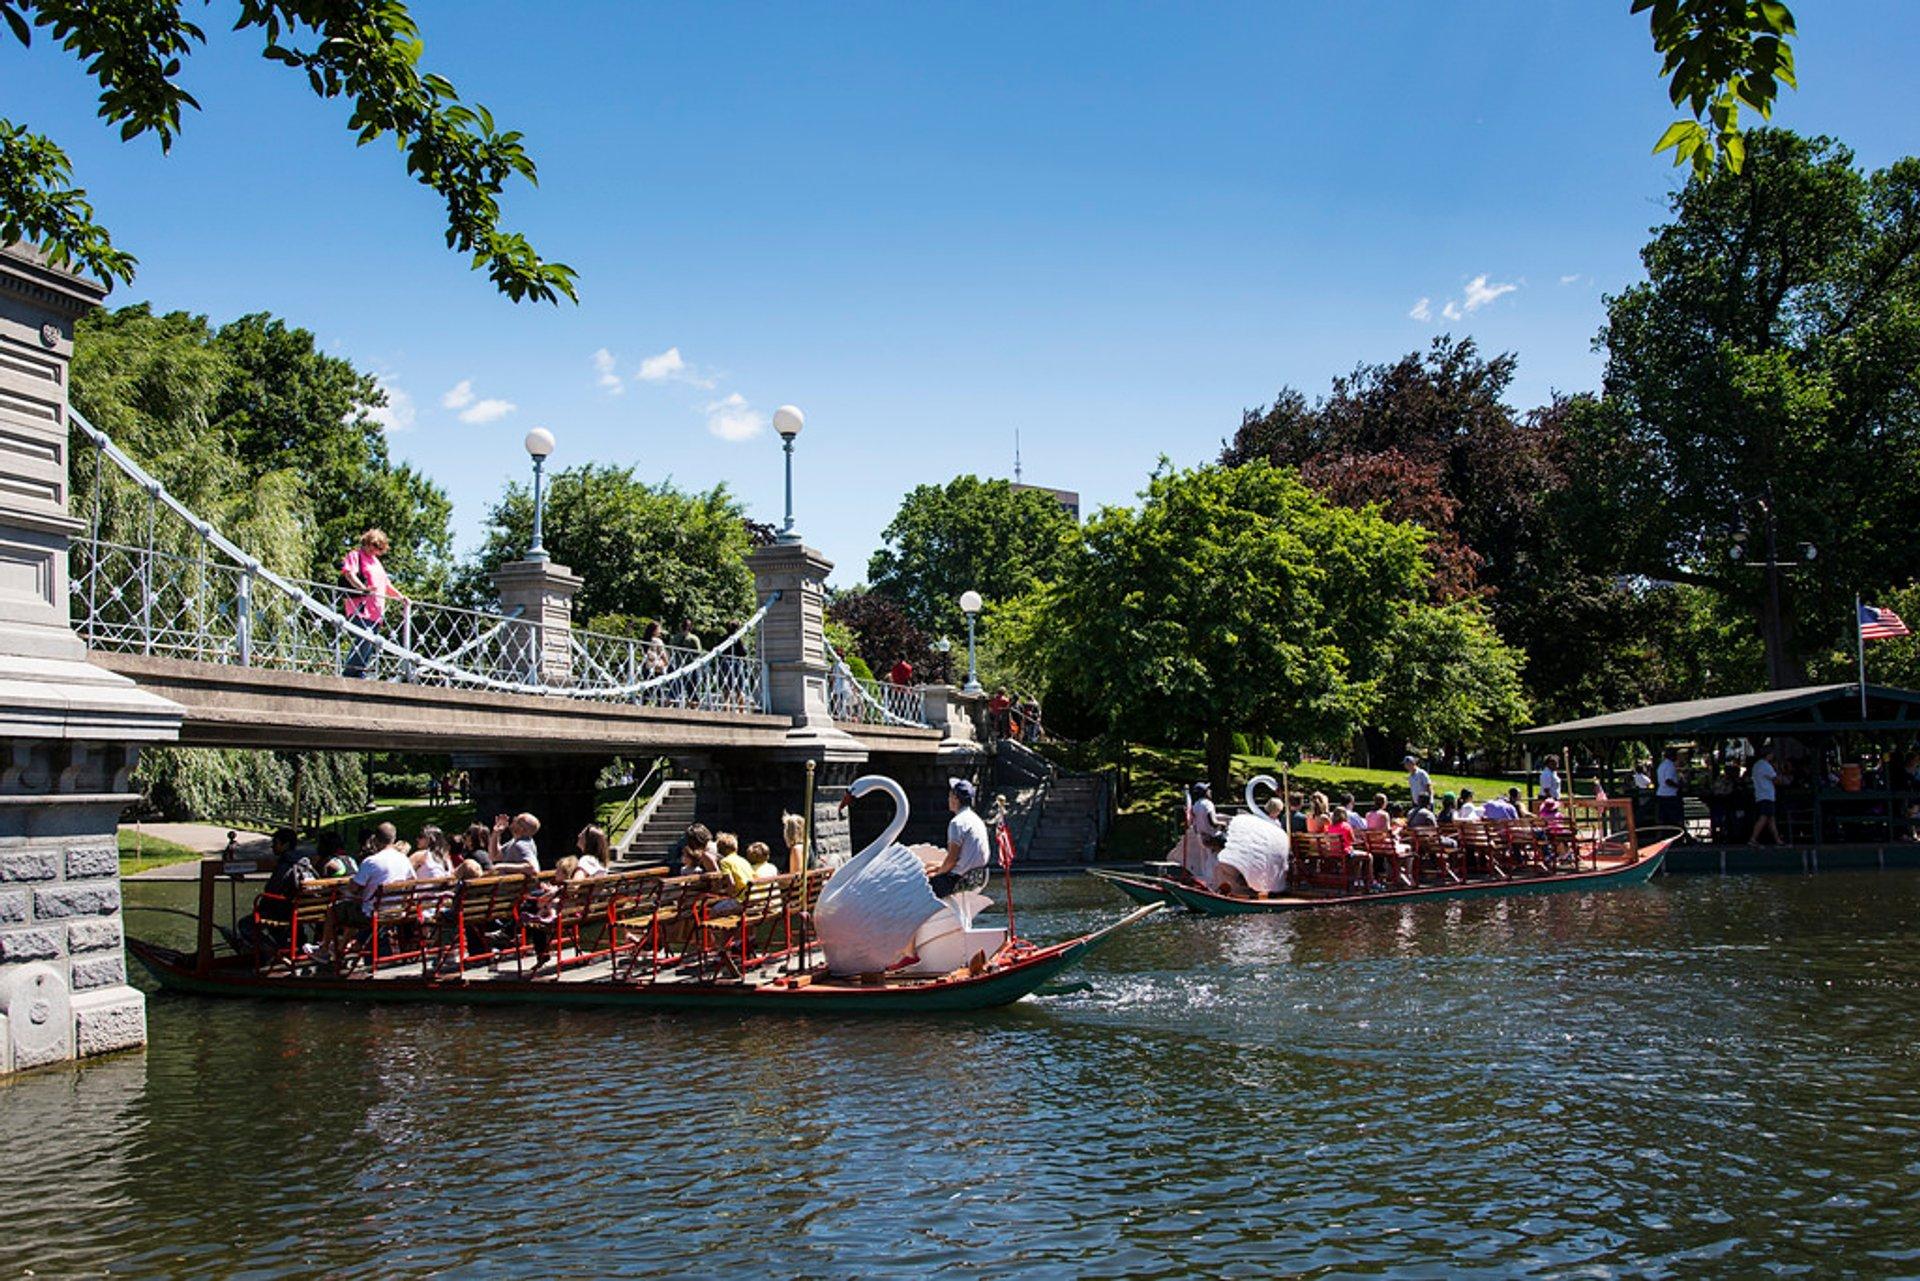 Swan Boats in Boston 2020 - Best Time